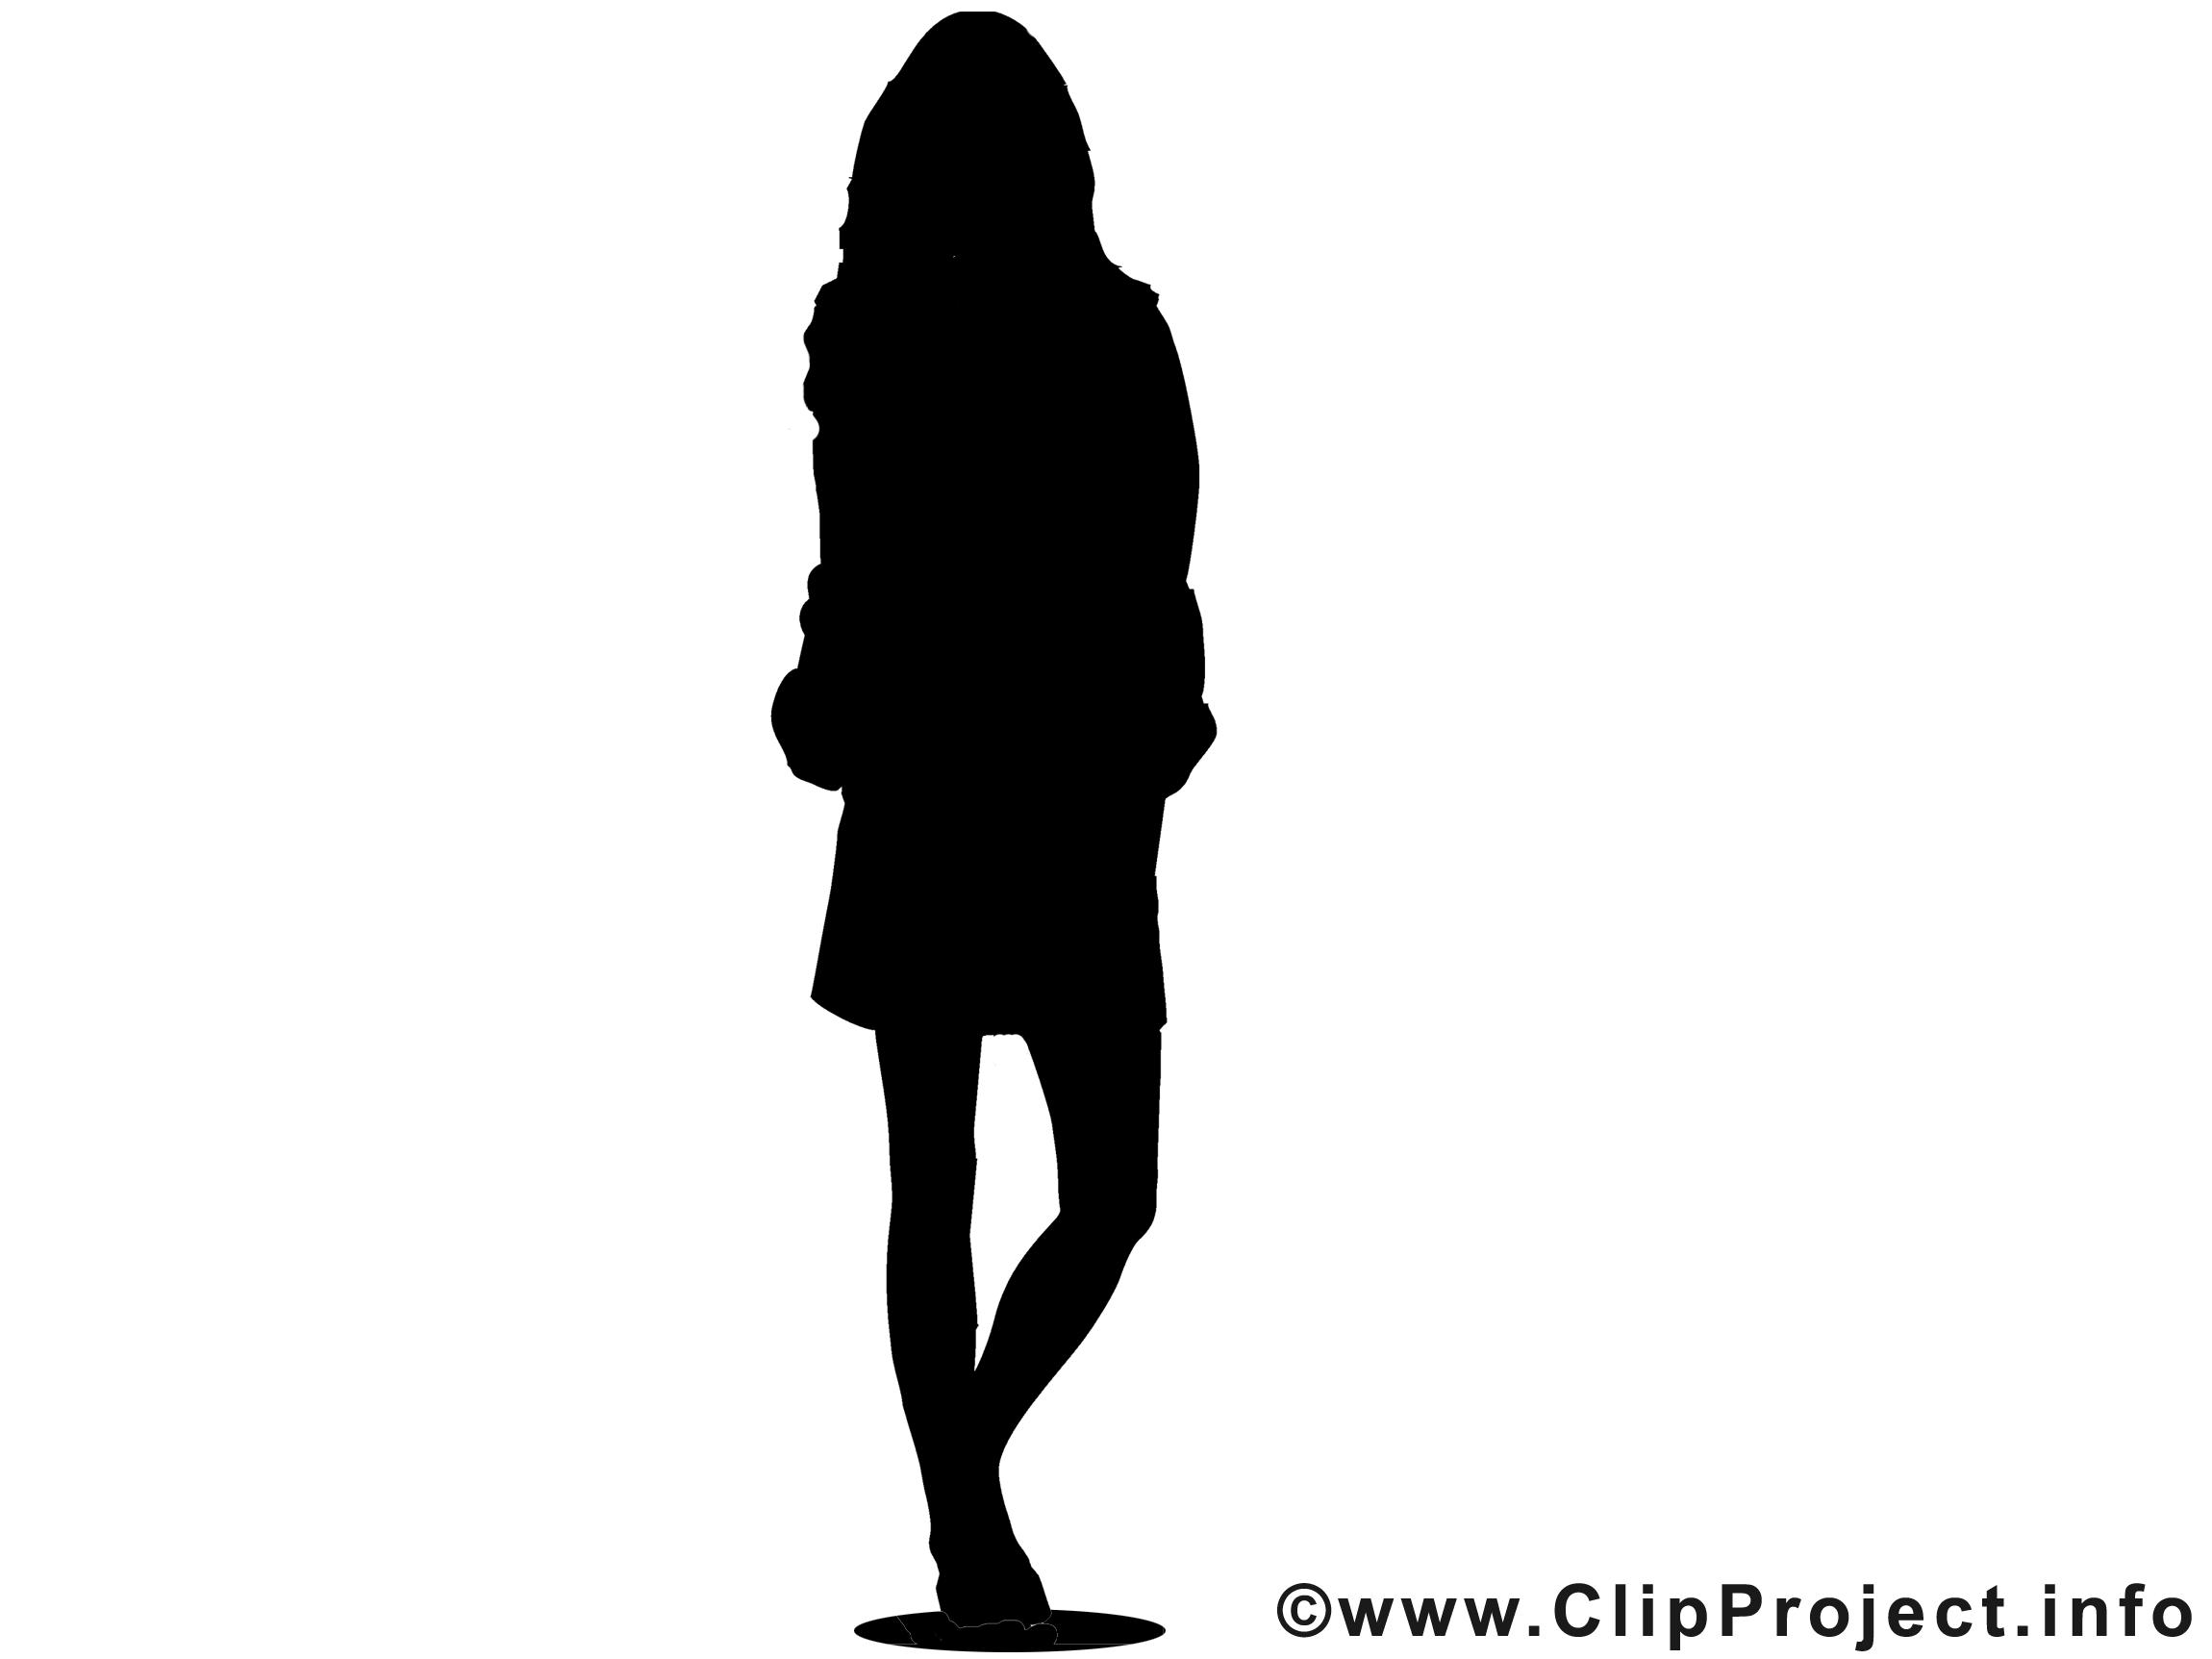 Top Model Dessin Gratuit Clip Arts Gratuits Silhouettes Dessin Picture Image Graphic Clip Art Telecharger Gratuit